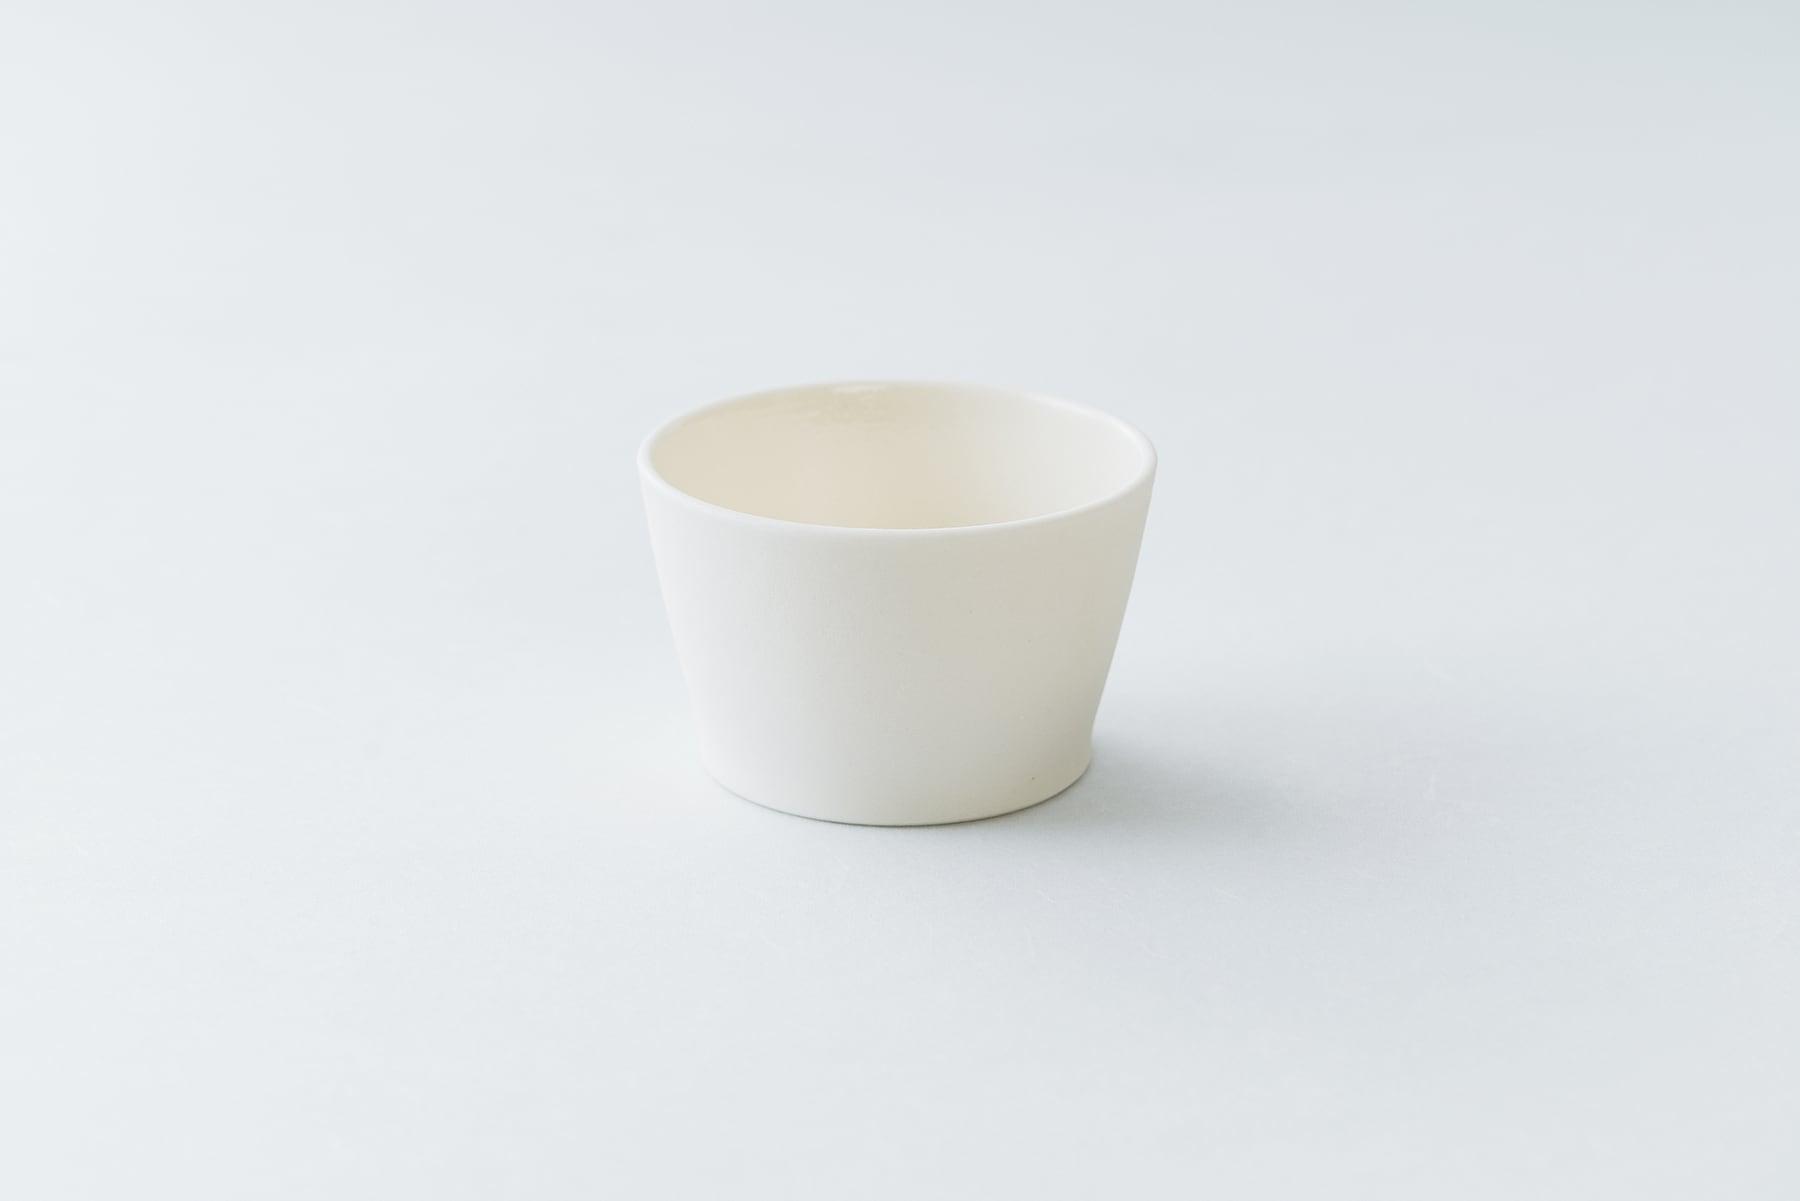 信楽透器 tea bowl